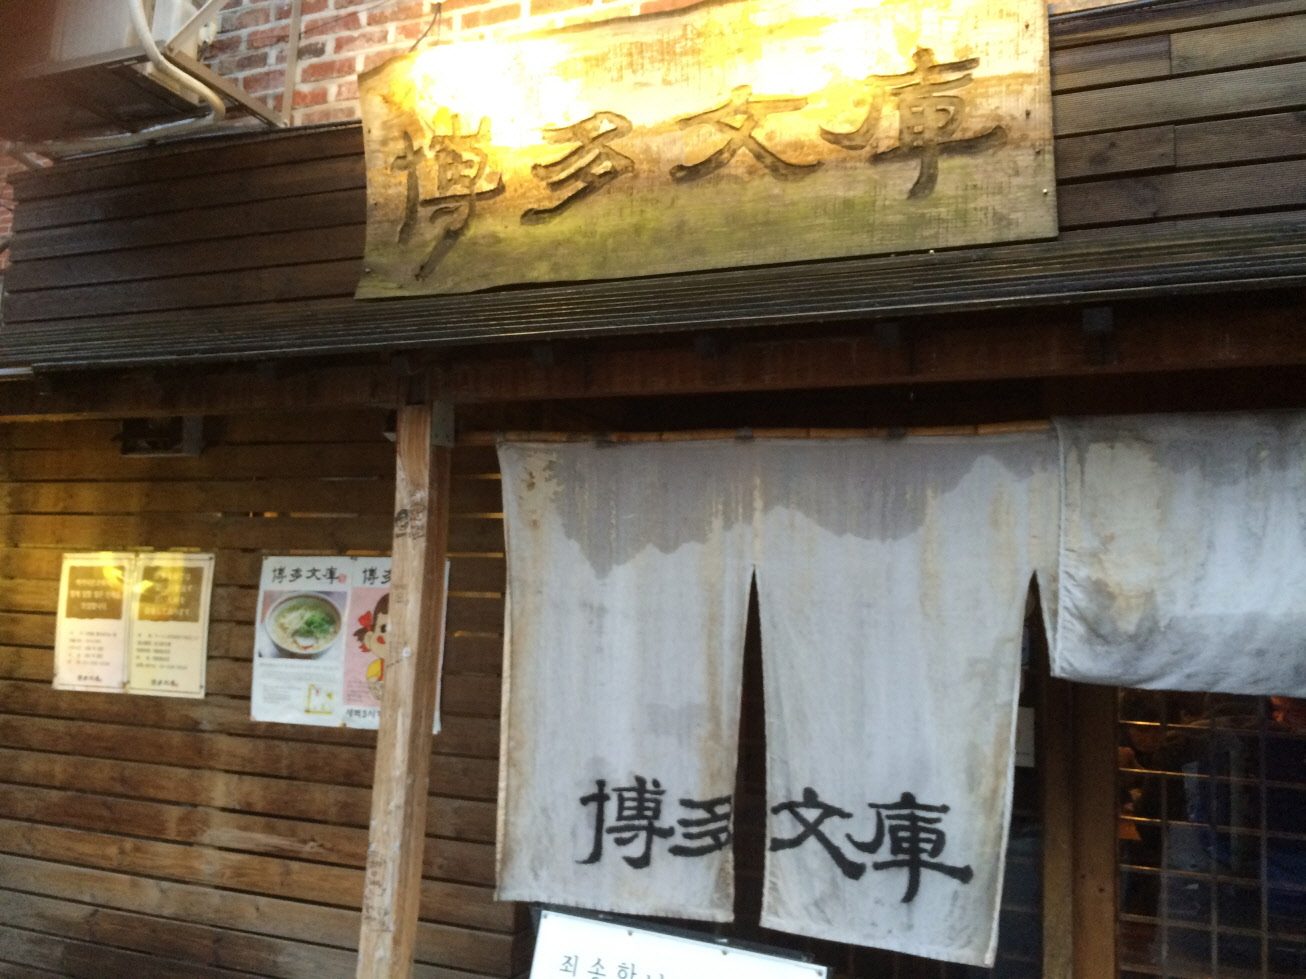 하카다분코 - 인라멘 그리고 미니 차슈덮밥